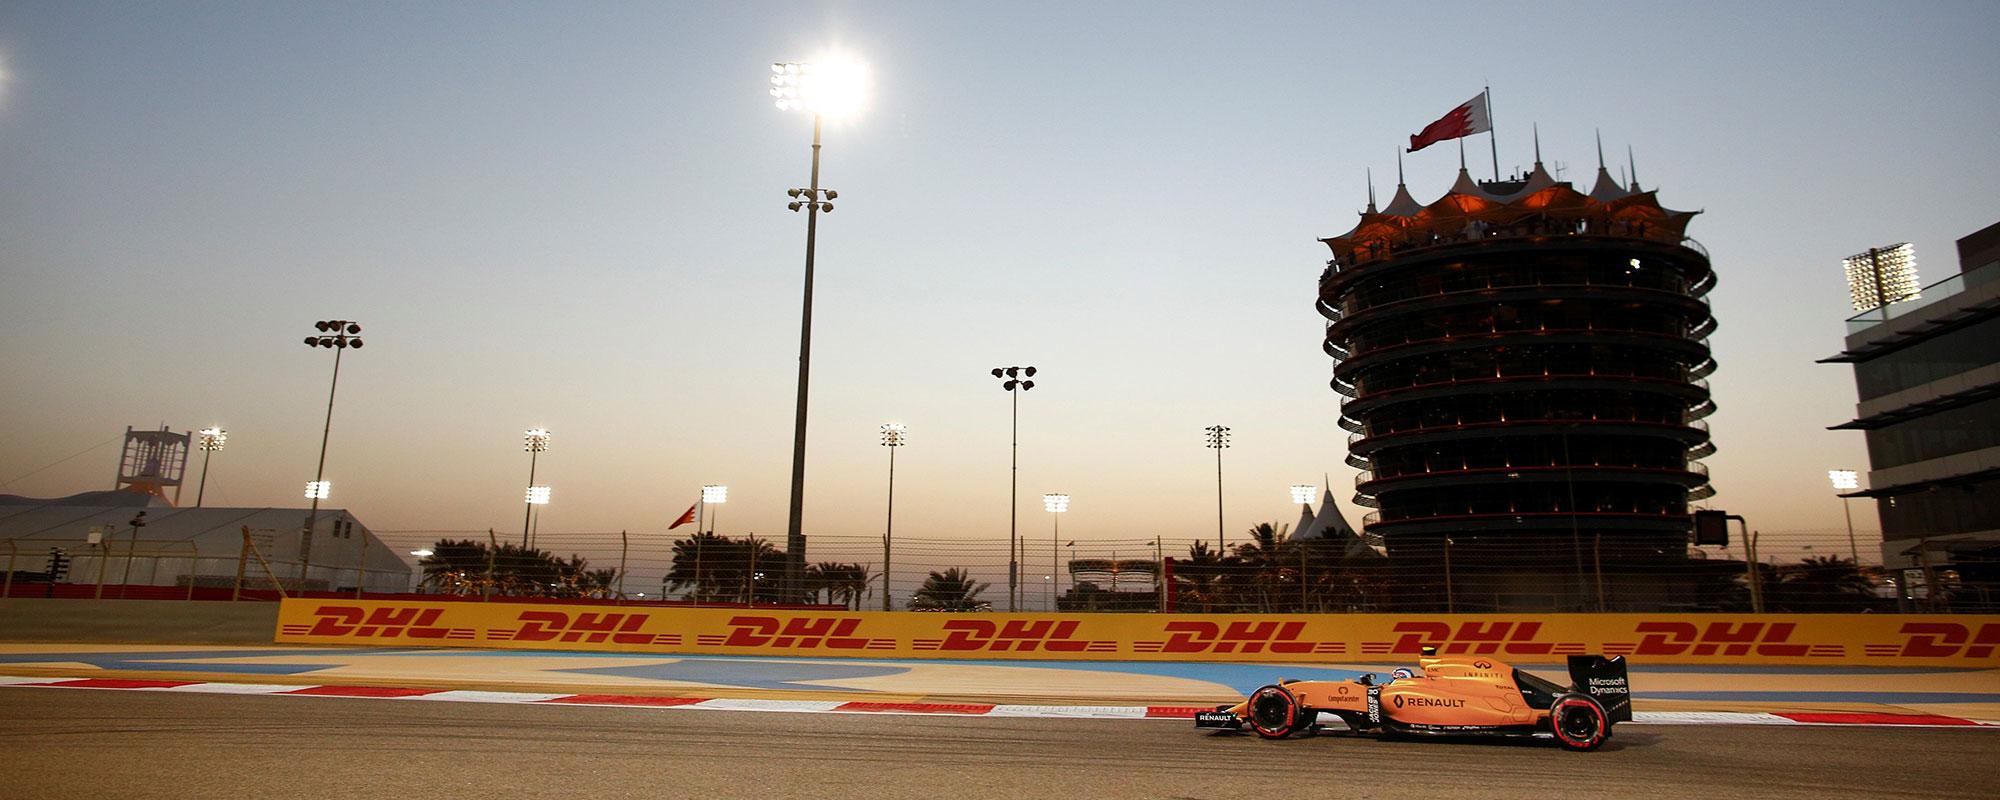 Renault gehört zu den erfolgreichsten Herstellern in der Formel 1